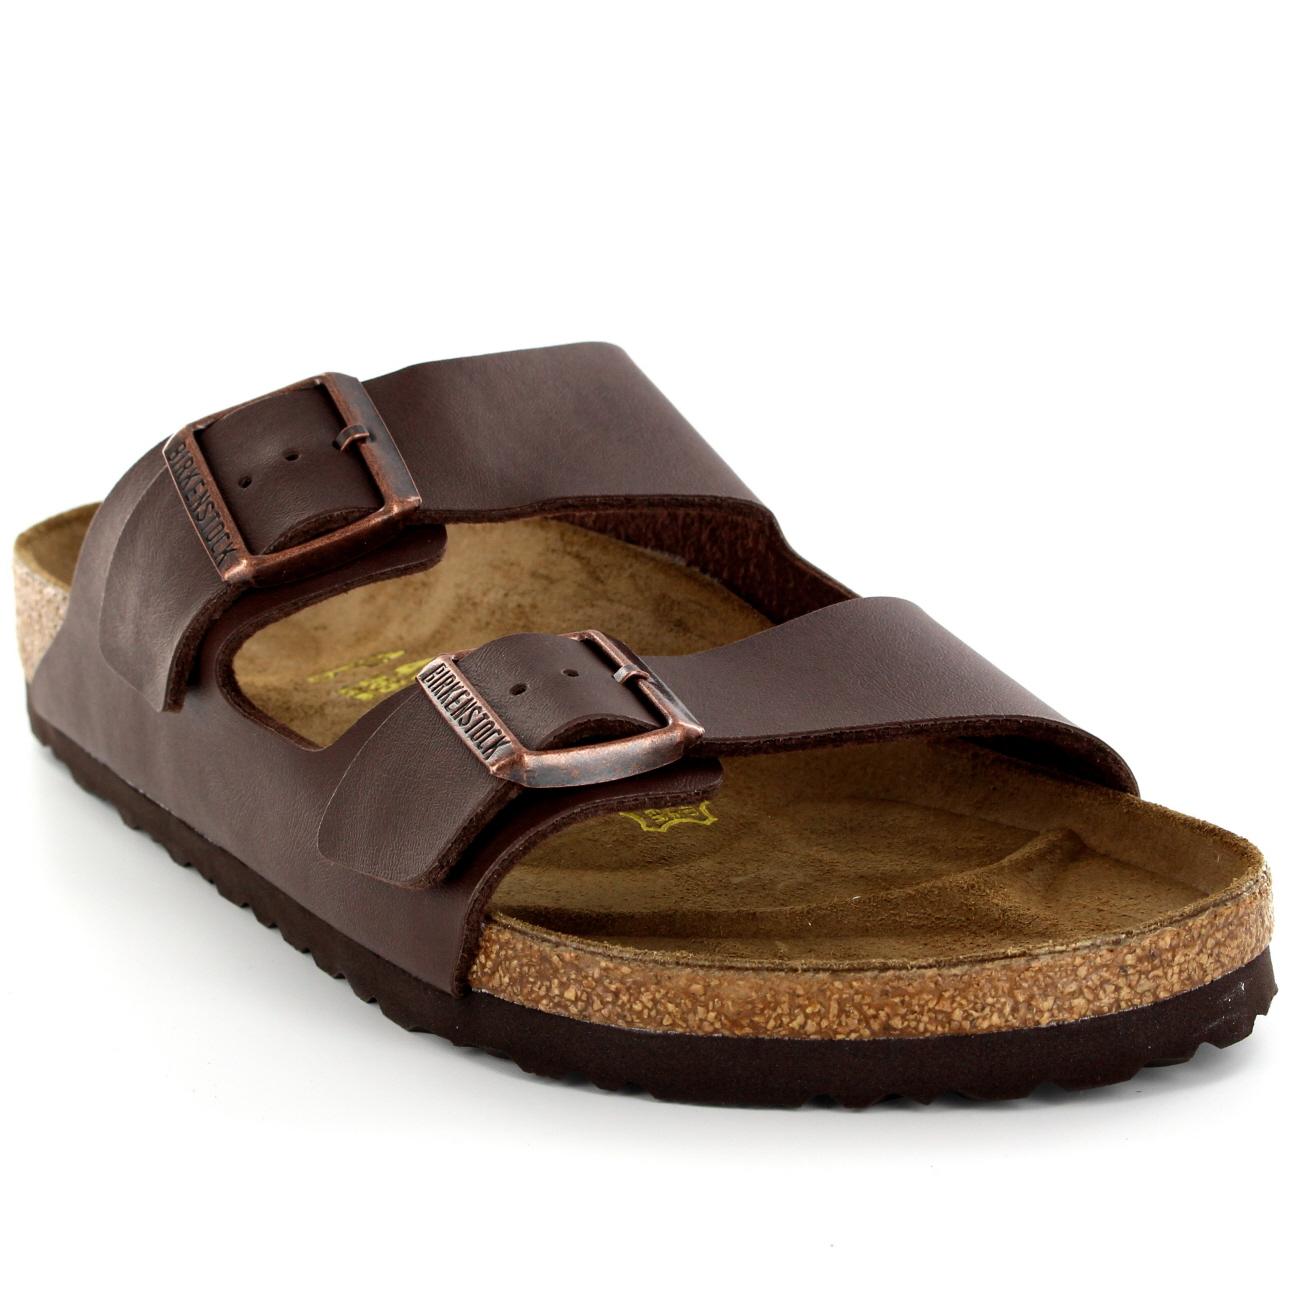 mens birkenstock arizona leather buckle summer